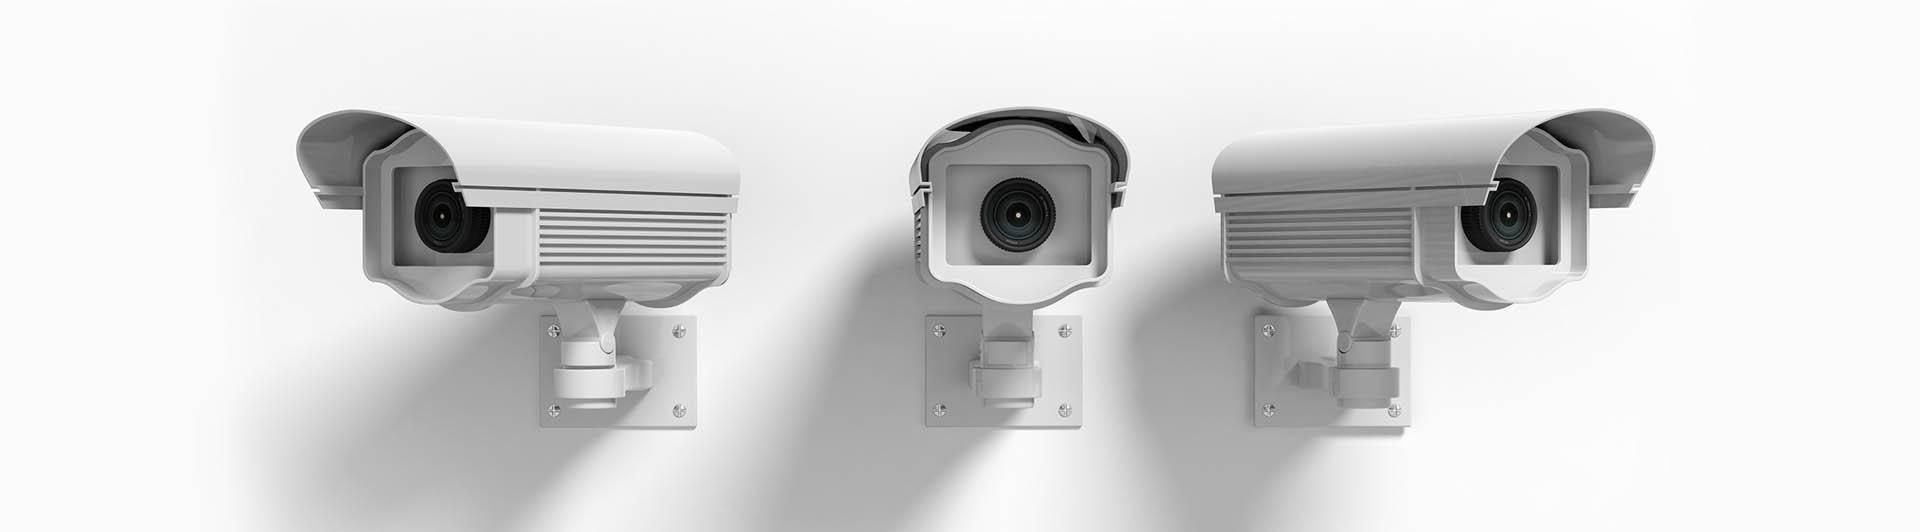 Three security surveillance cameras